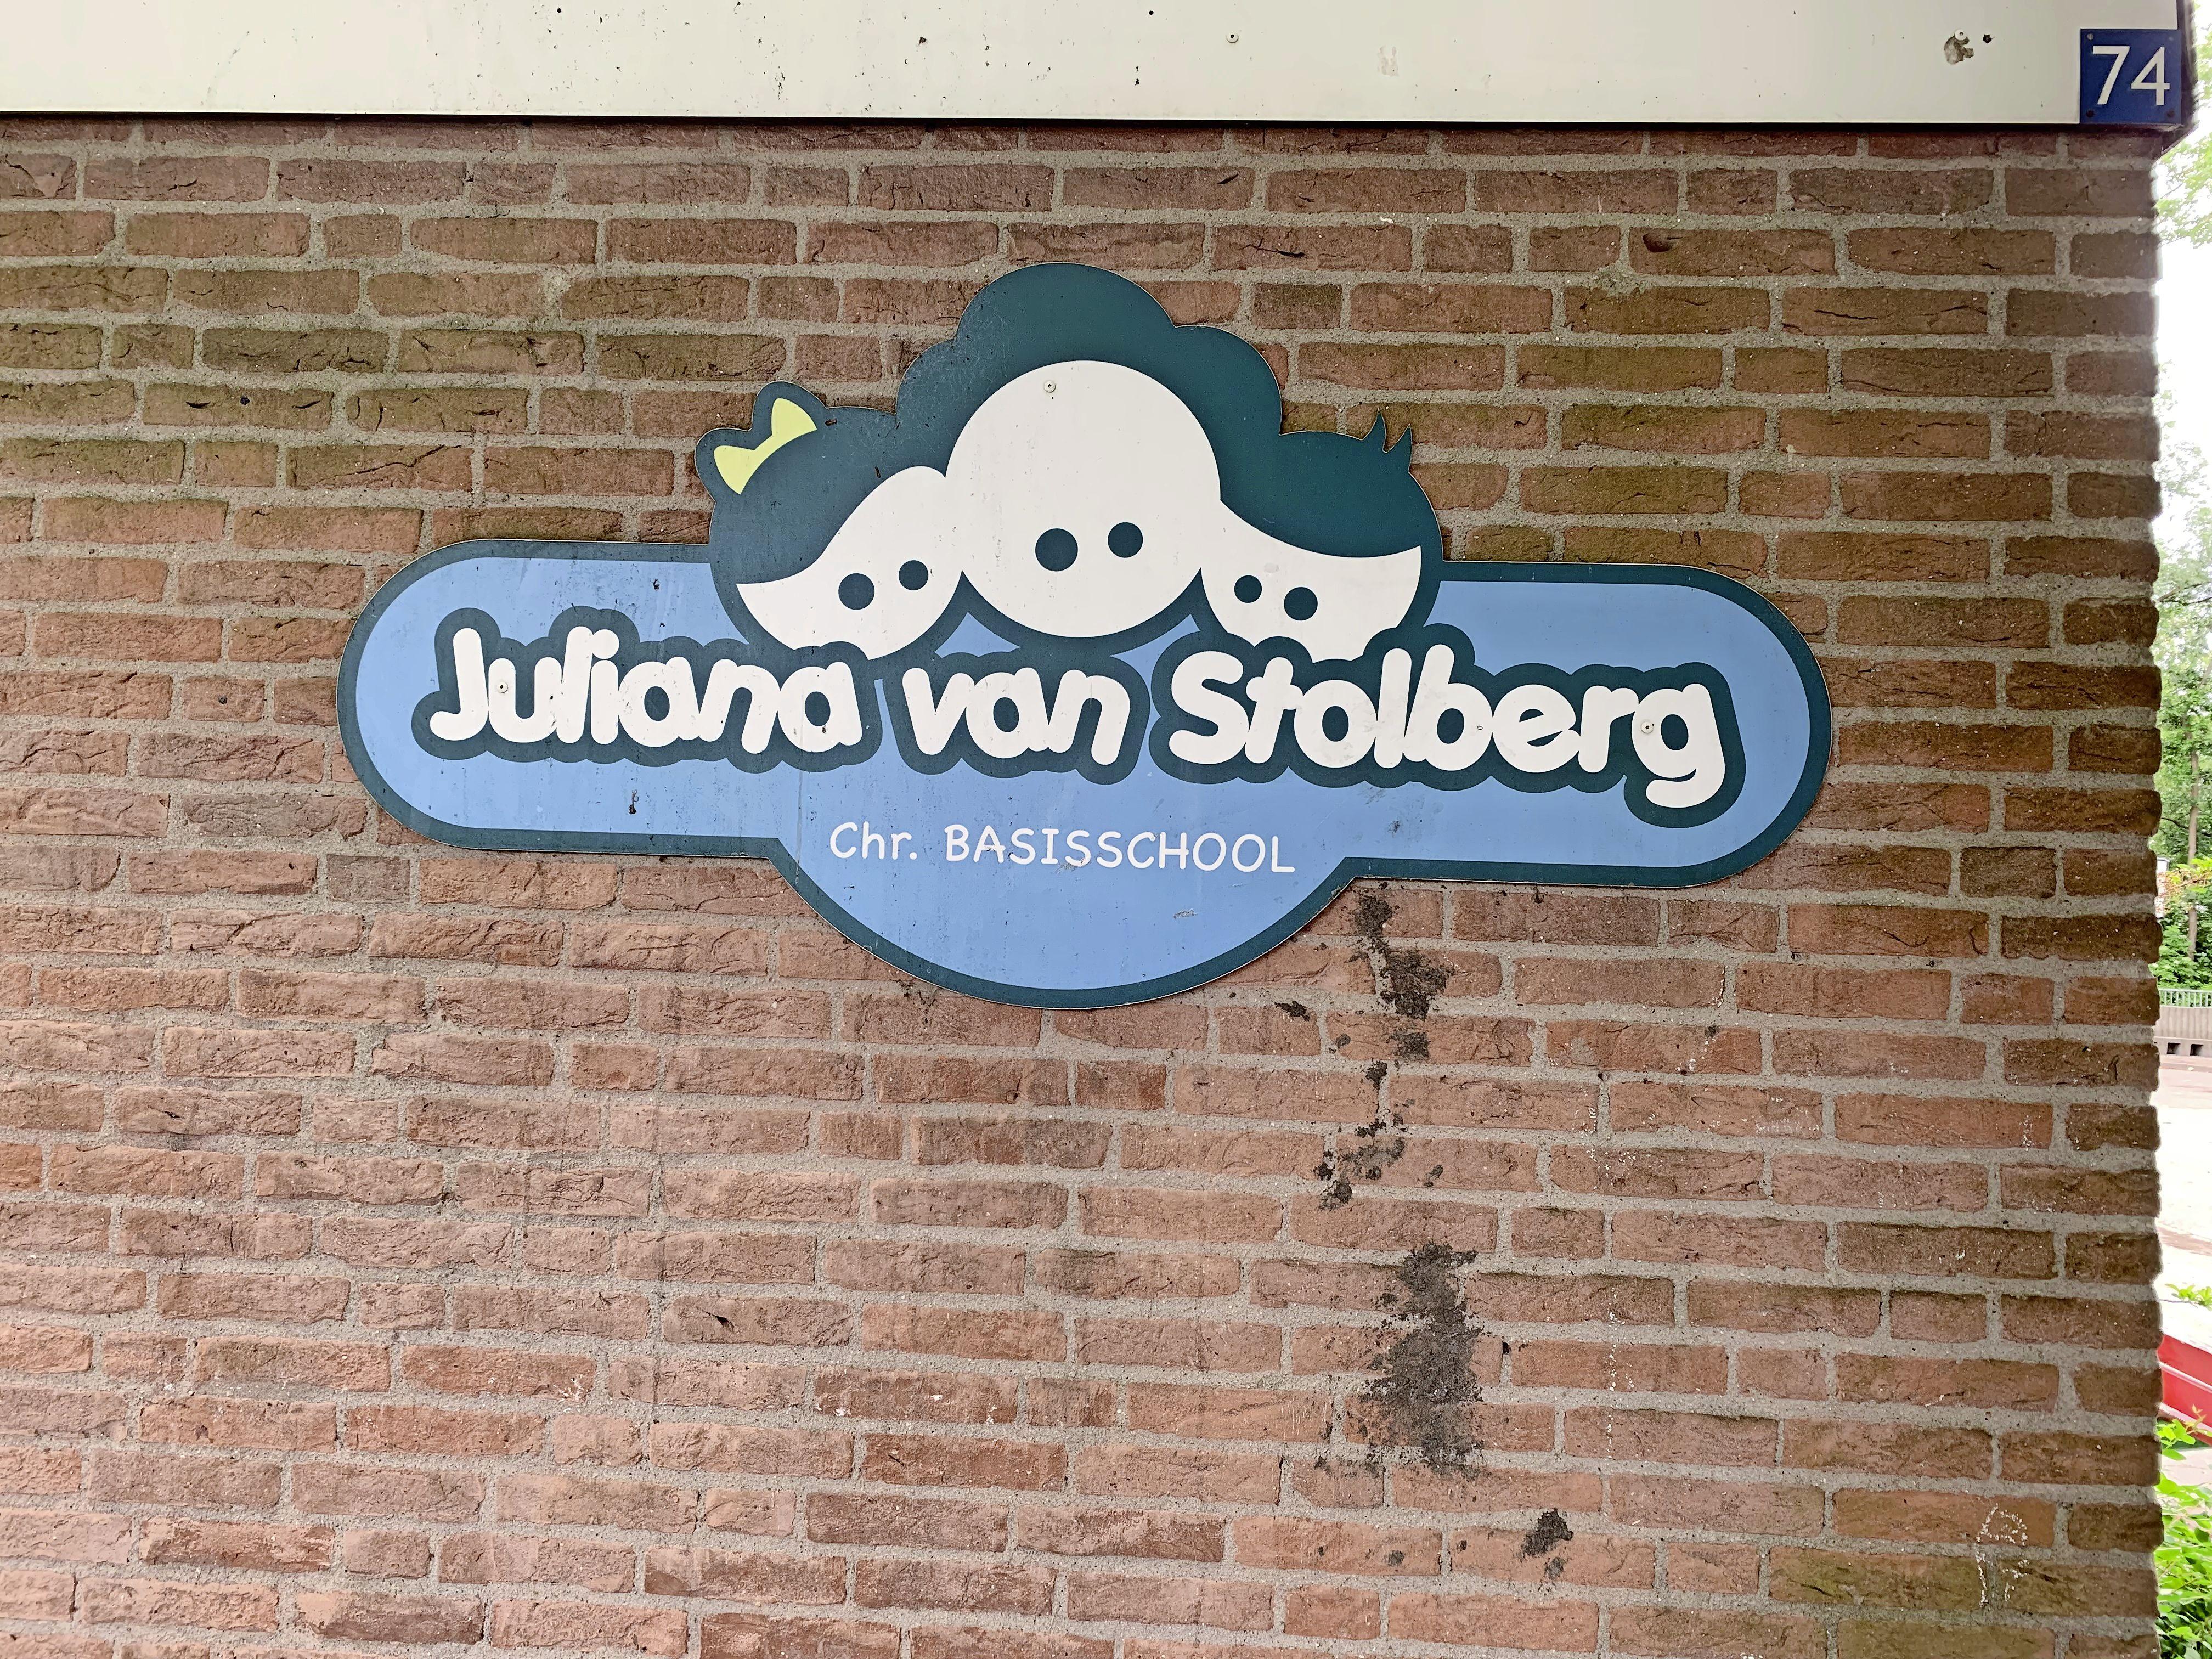 Nieuwbouw voor Juliana van Stolbergschool in Hoofddorp